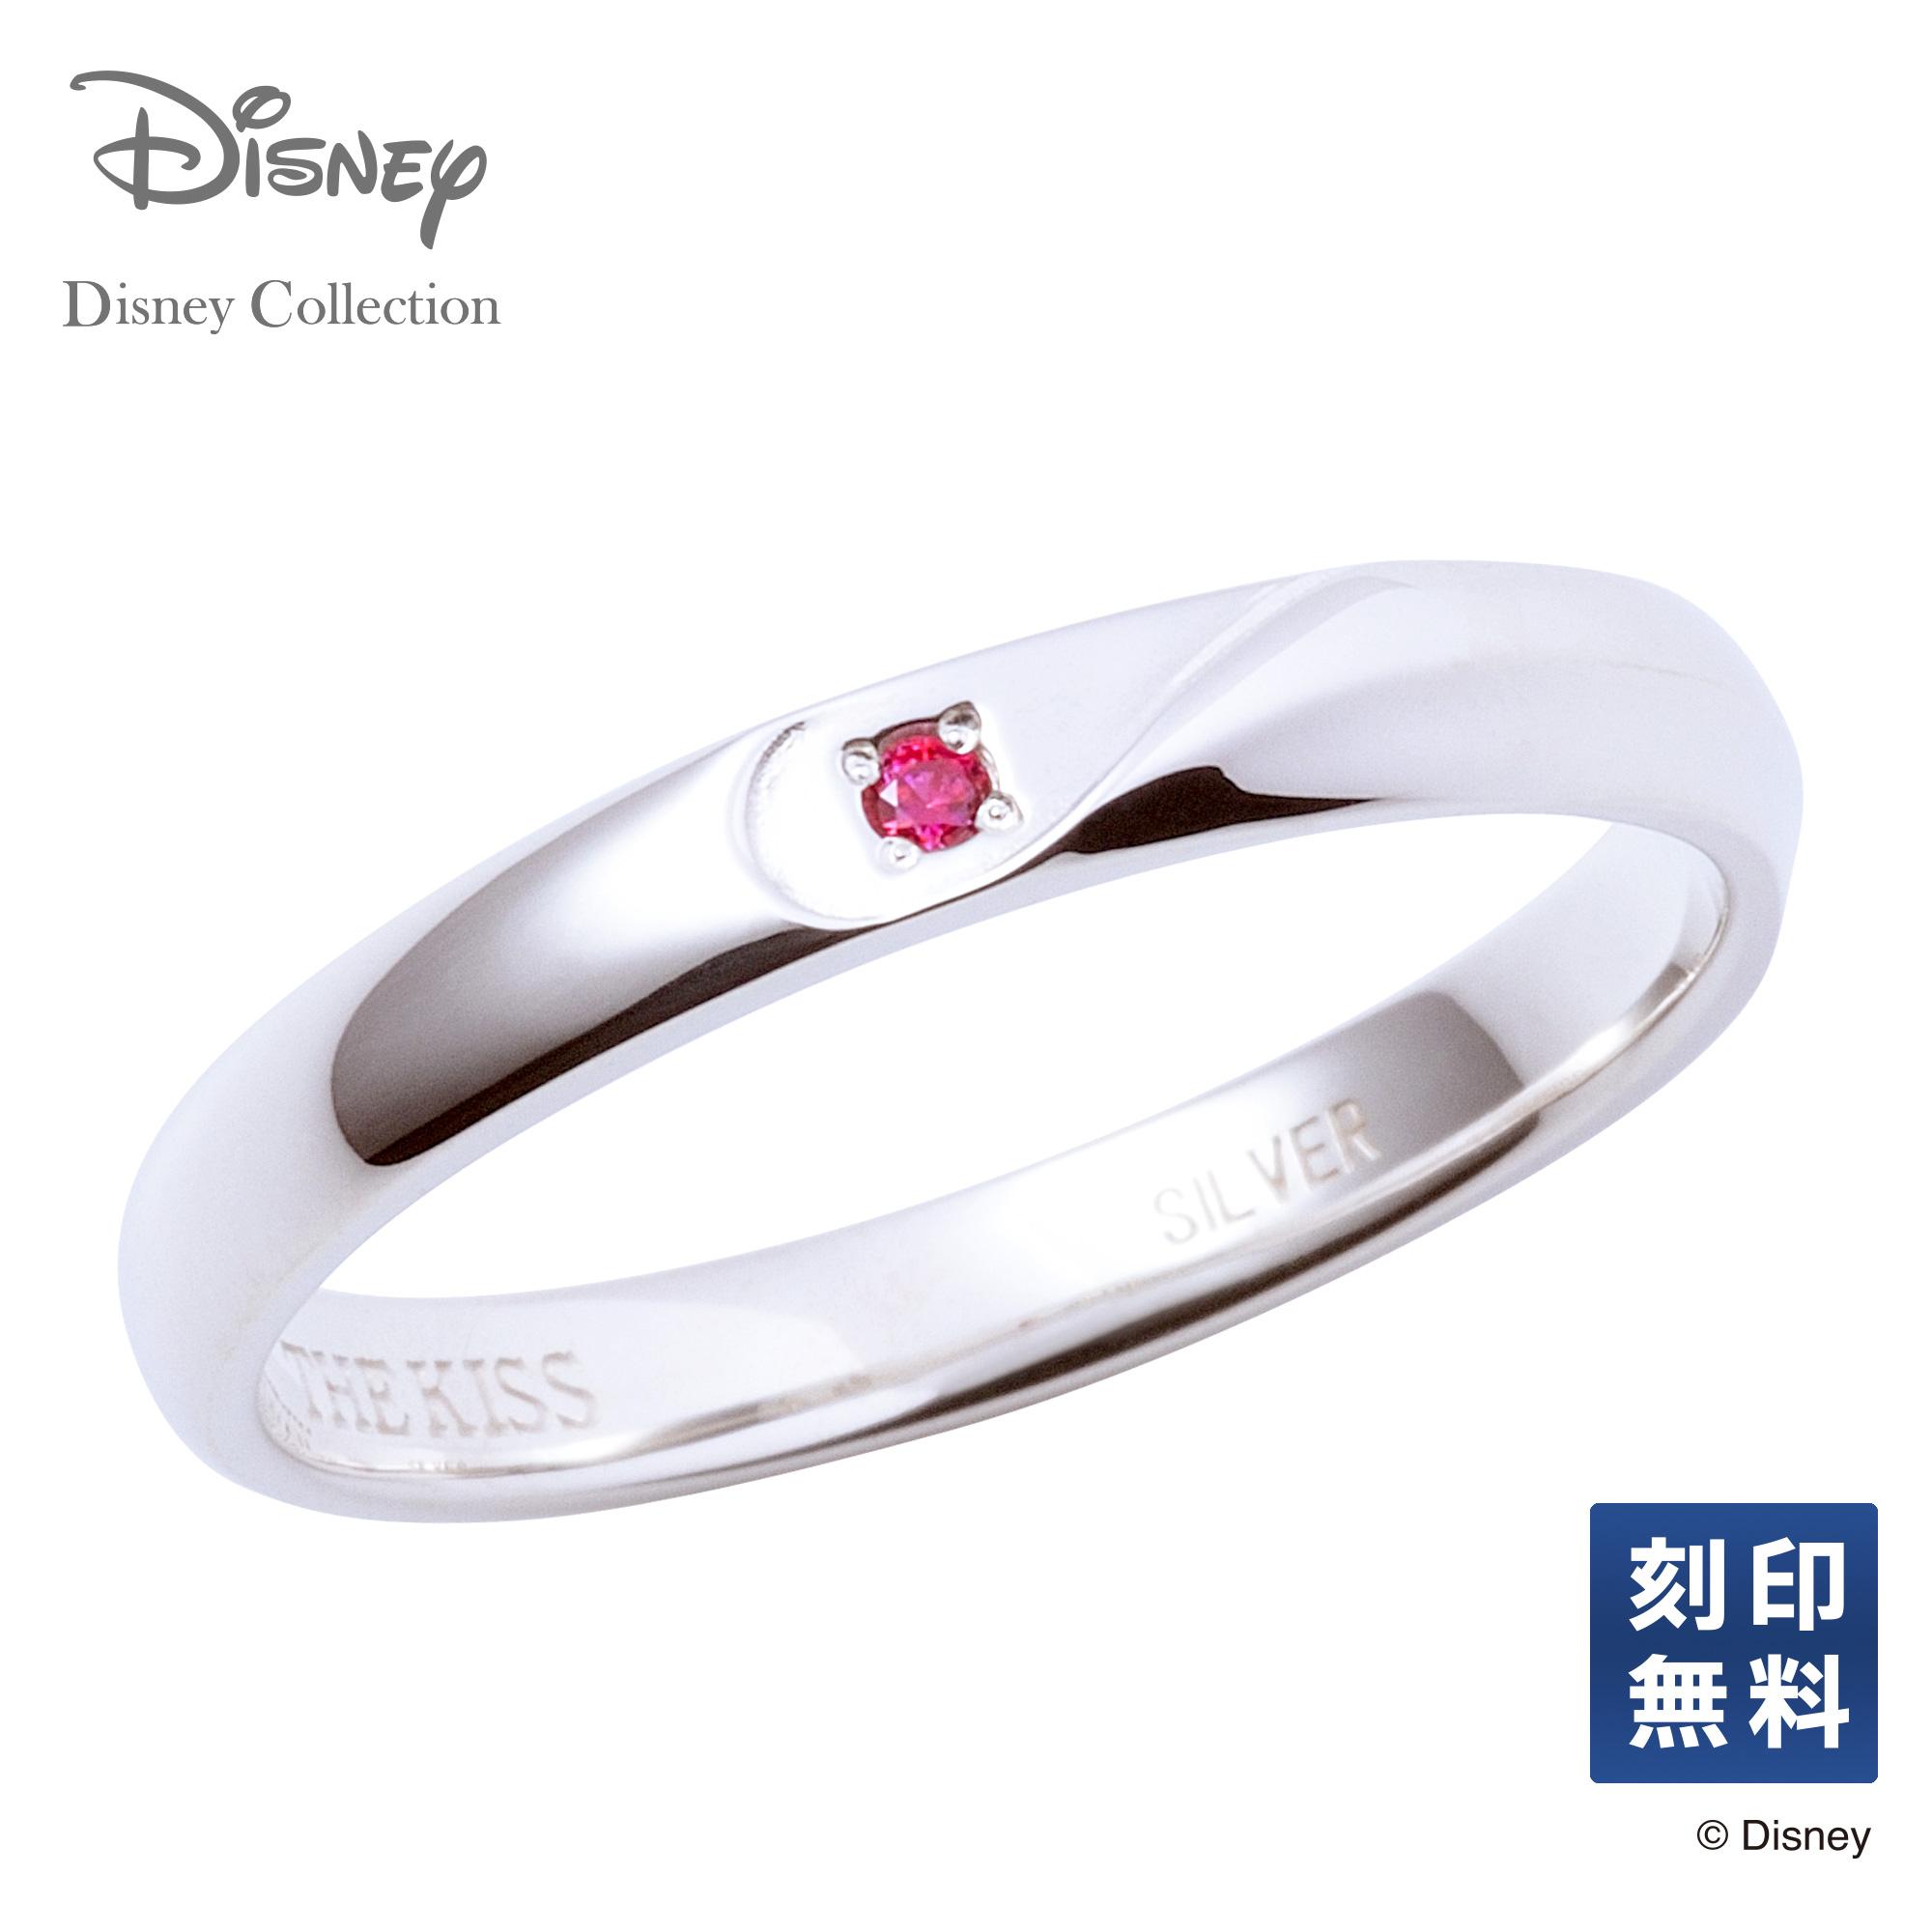 【刻印可_3文字】【あす楽対応】【ディズニーコレクション】 ディズニー / ペアリング / ディズニープリンセス シンデレラ / THE KISS リング・指輪 シルバー (レディース 単品) DI-SR1501DM ザキス 【送料無料】